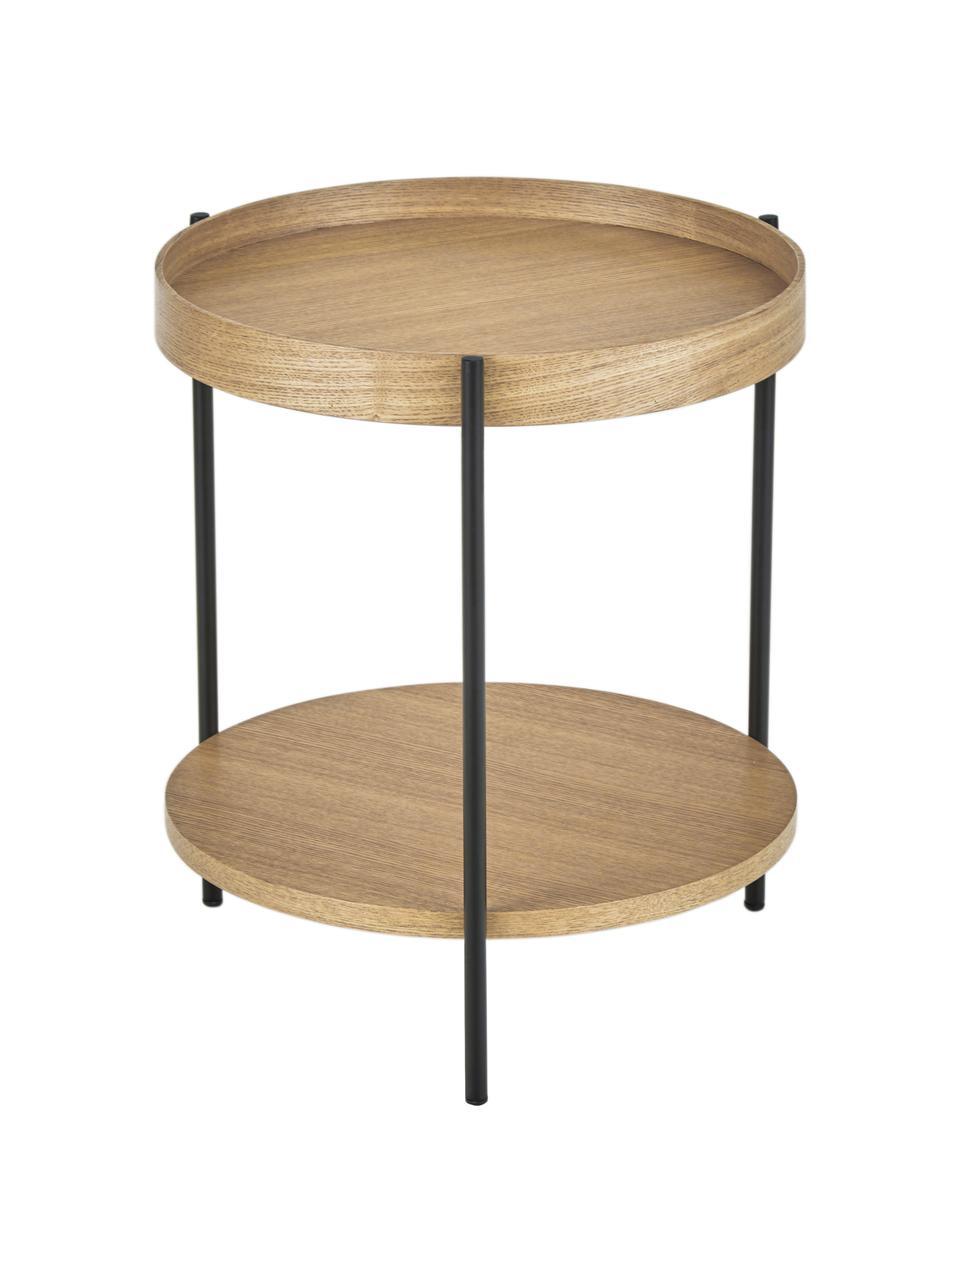 Stolik pomocniczy z drewna Renee, Blat: płyta pilśniowa średniej , Stelaż: metal malowany proszkowo, Drewno jesionowe, Ø 44 x W 49 cm